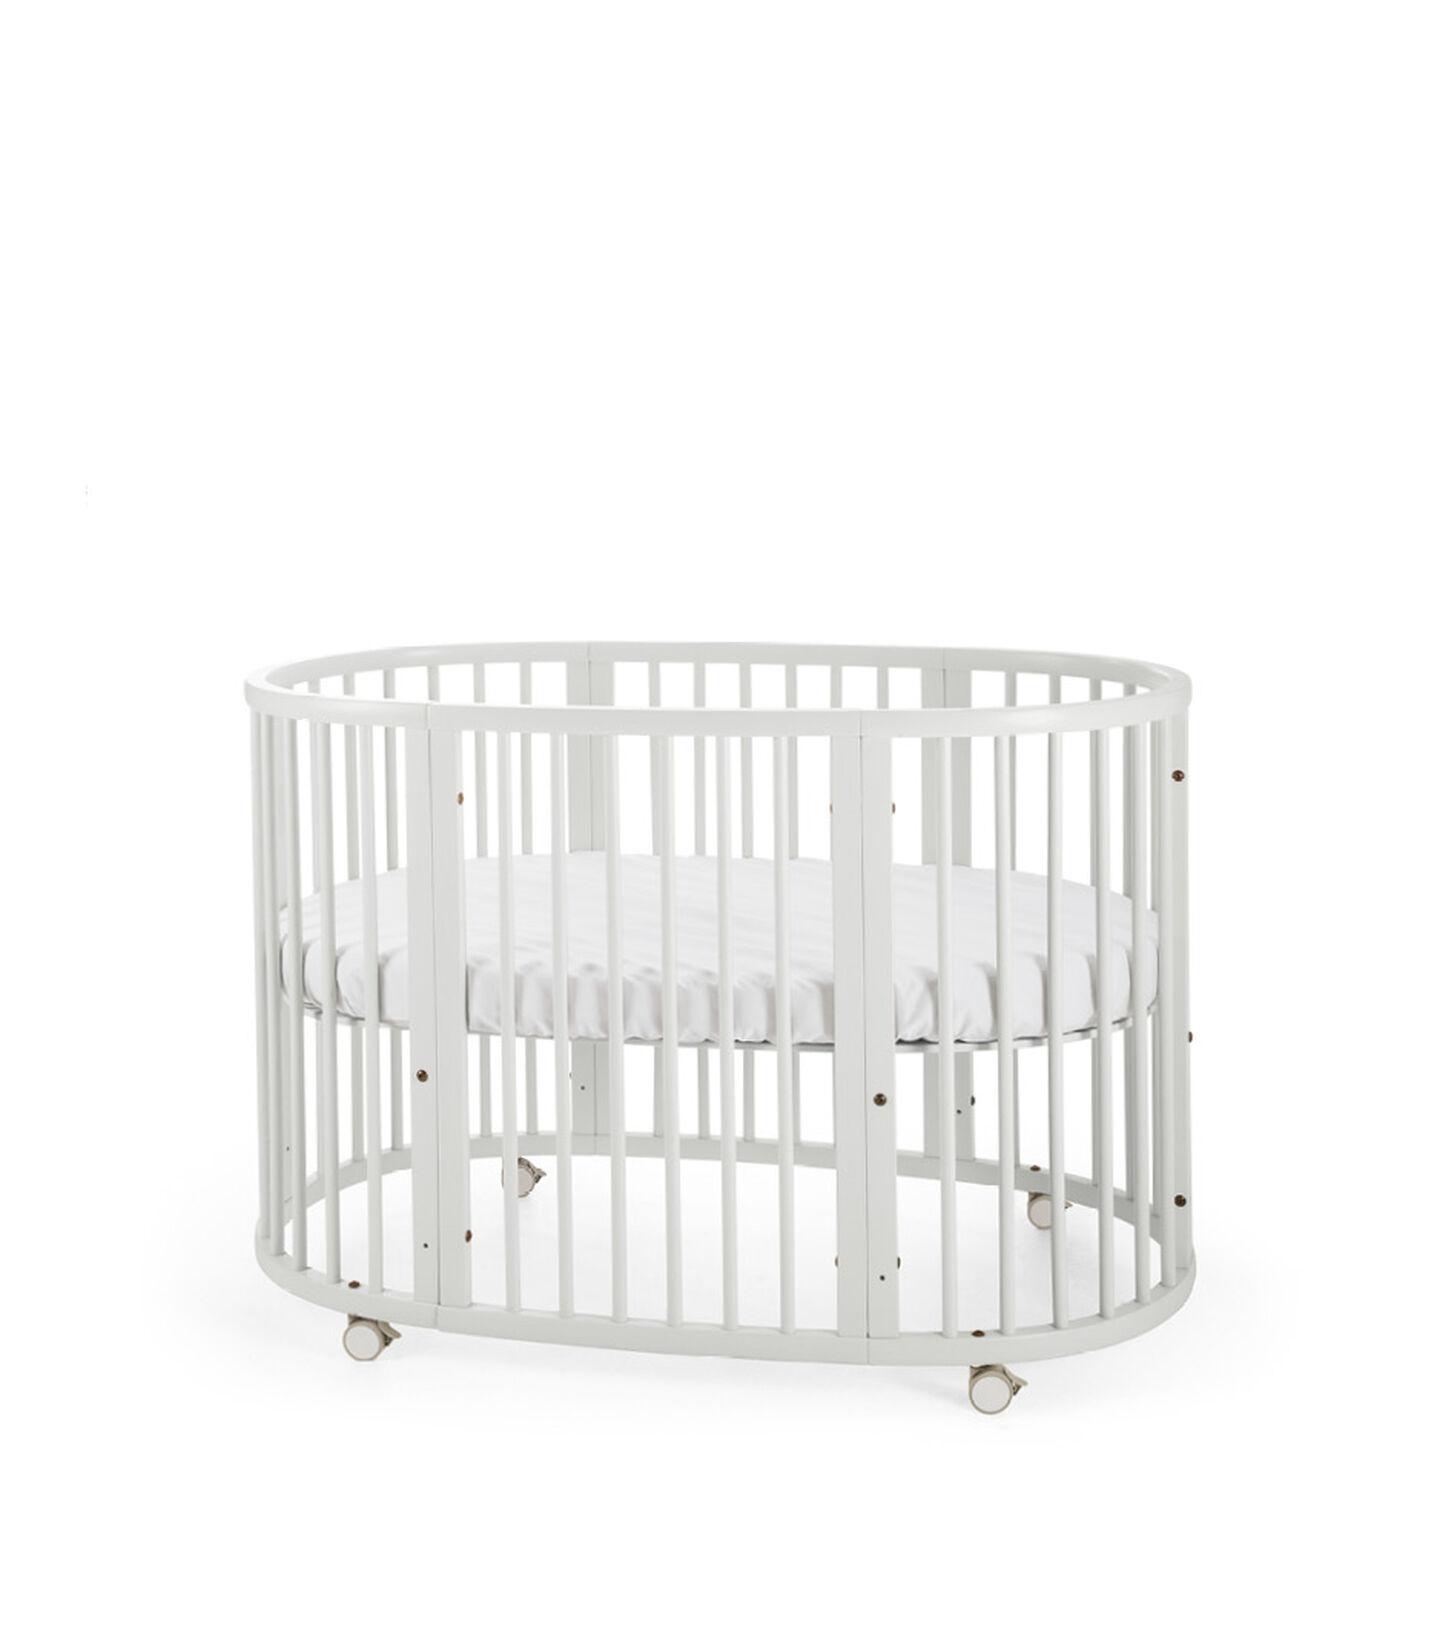 Stokke® Sleepi™ Łóżko White, White, mainview view 2